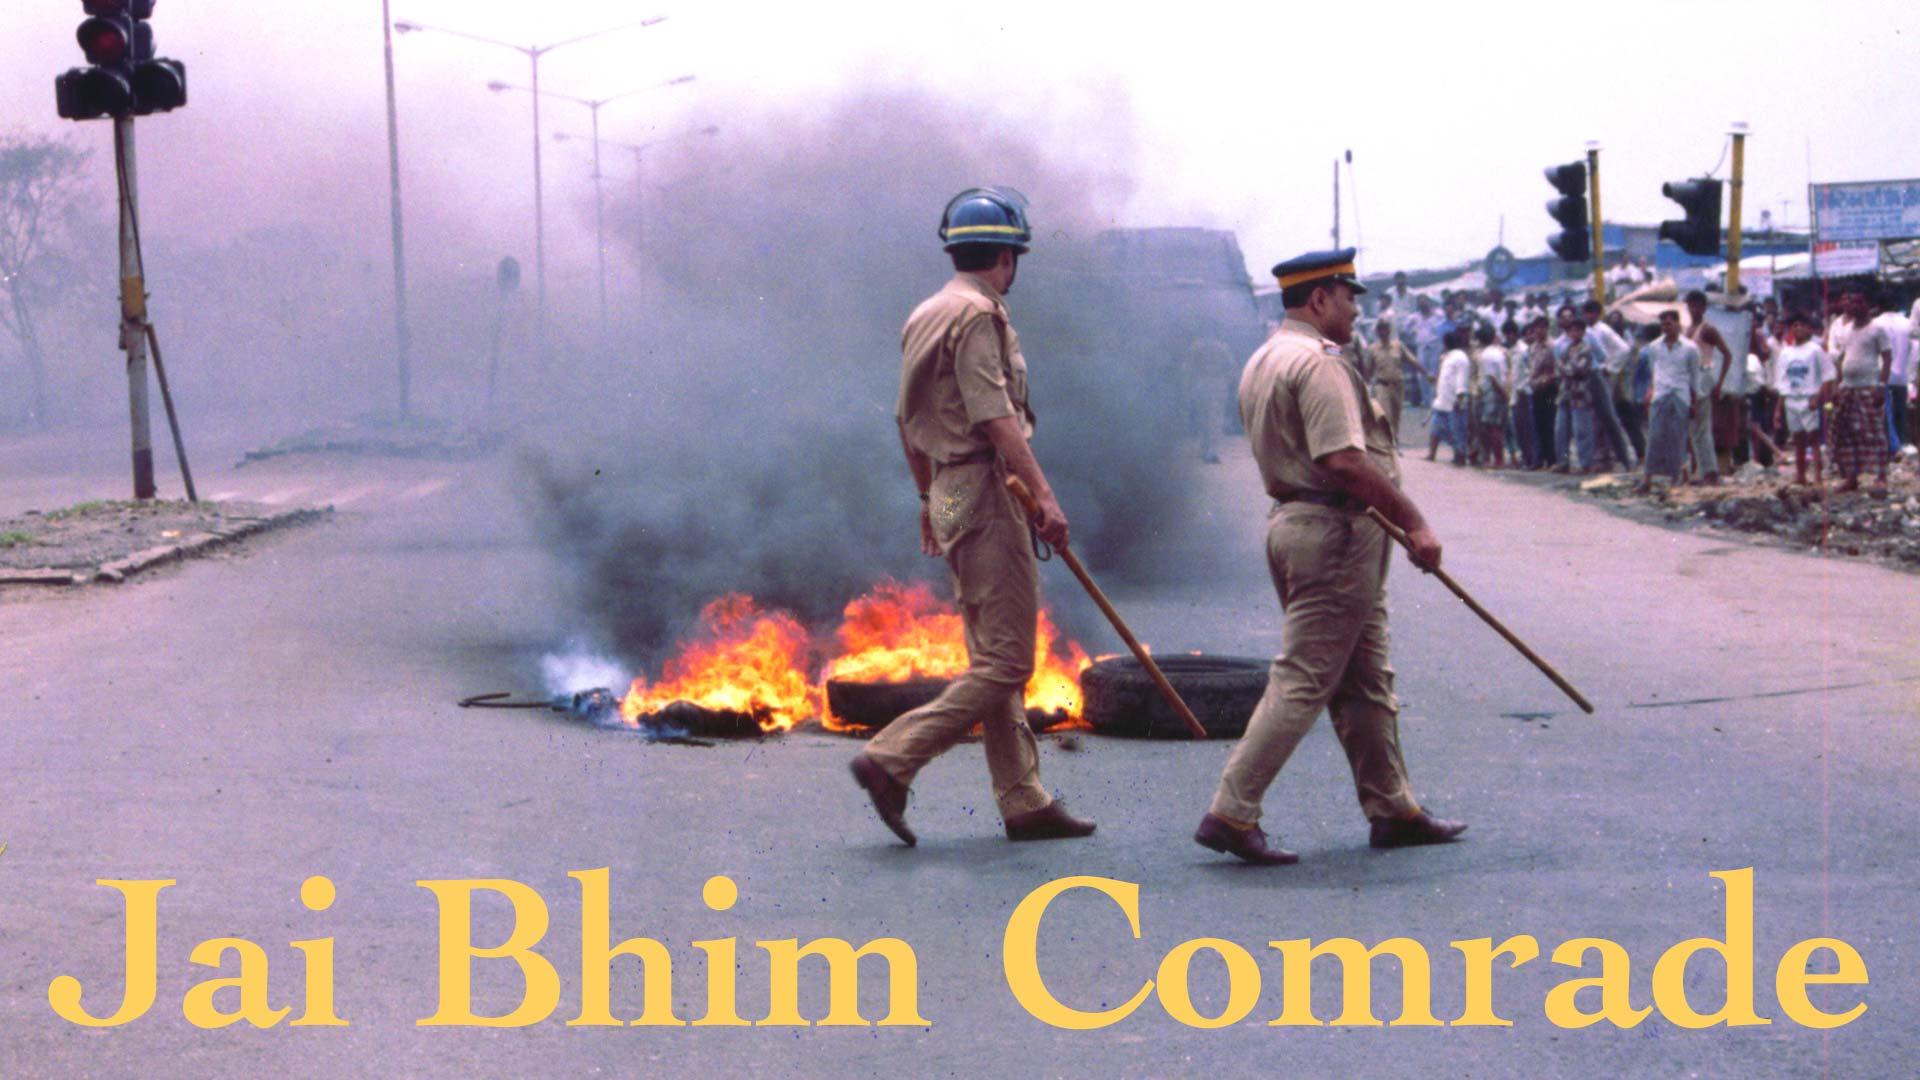 Jai Bhim Comrade - image